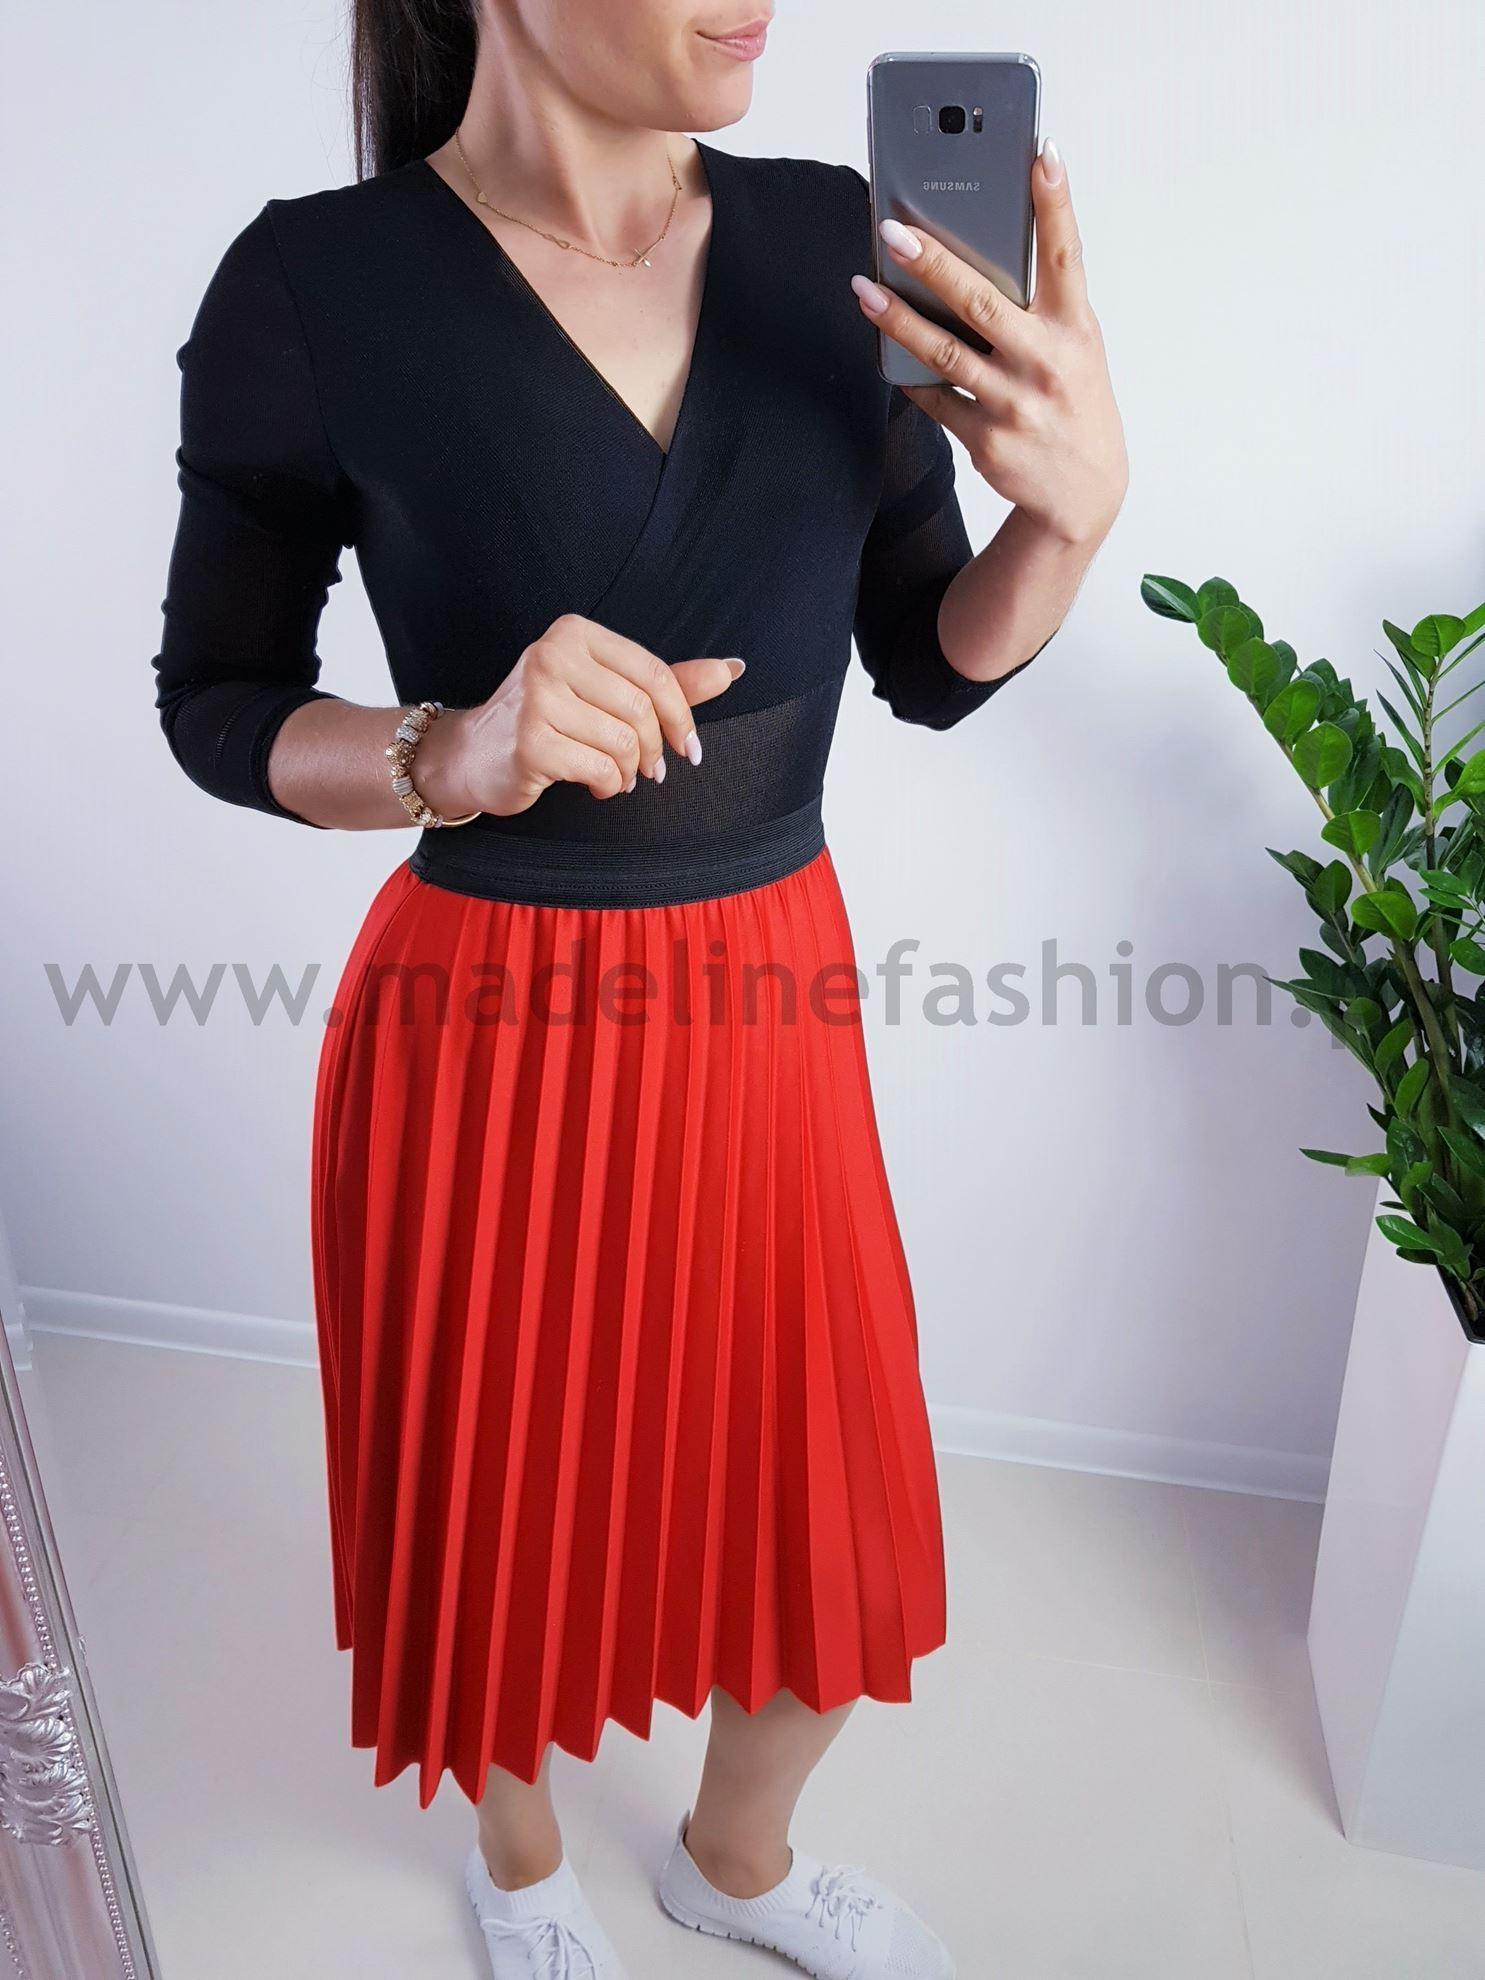 products 0003907 spodnica plisowana midi czerwona 1